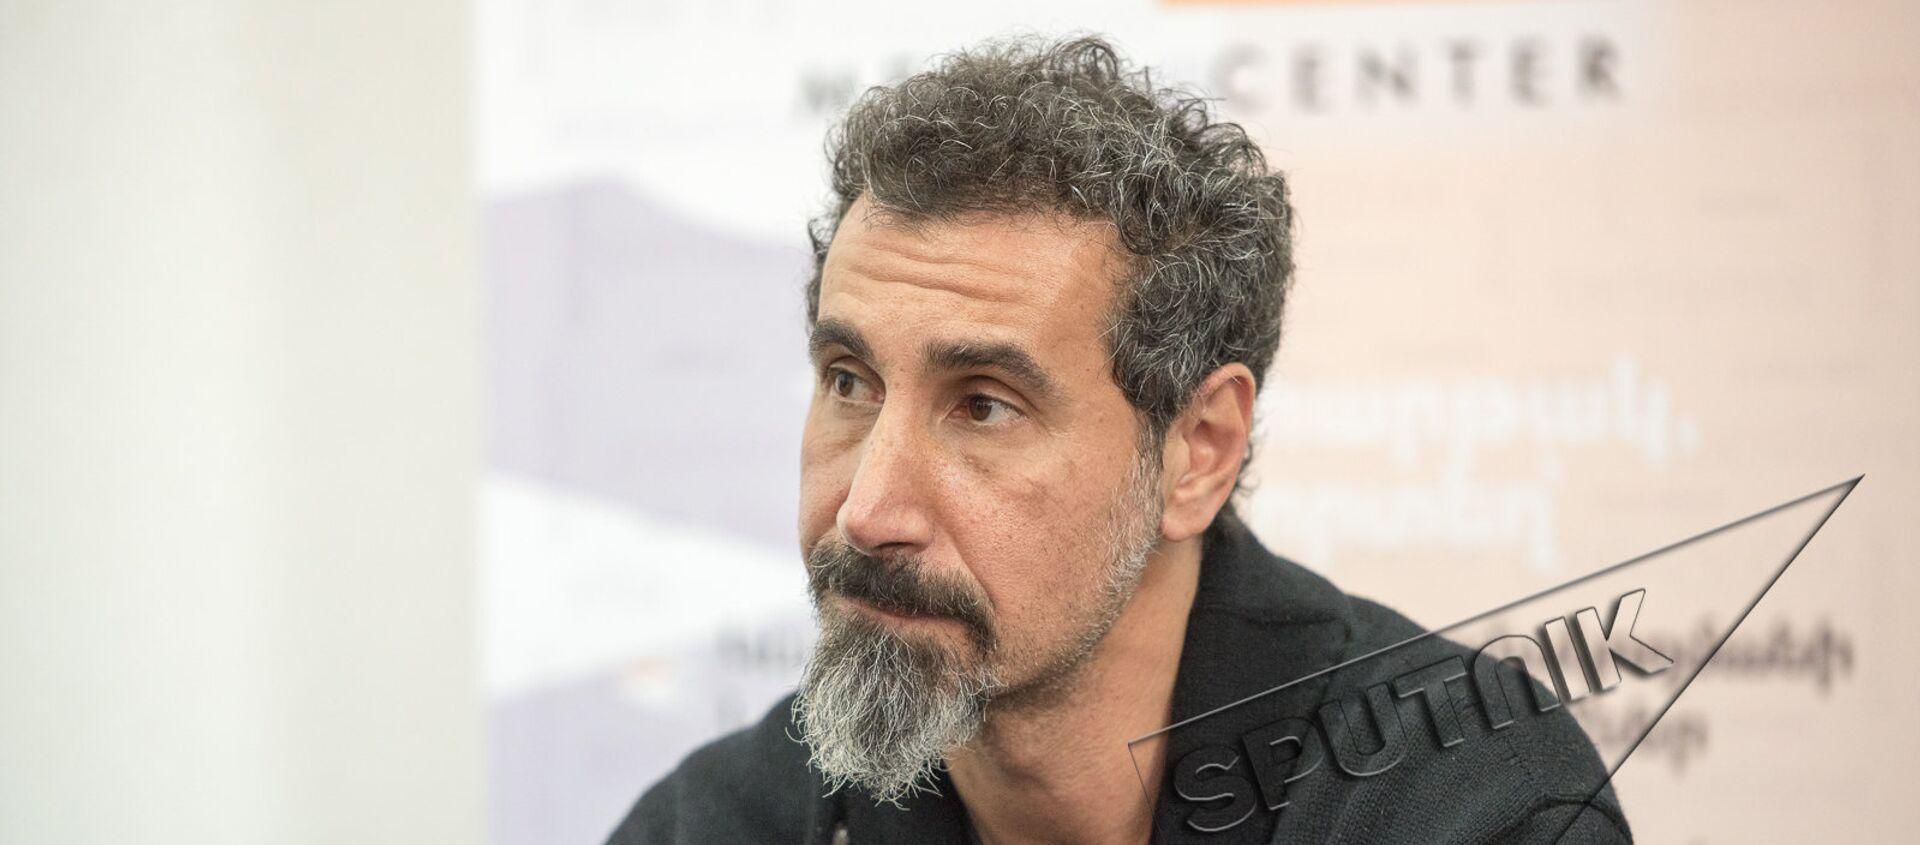 Серж Танкян  - Sputnik Армения, 1920, 12.11.2020